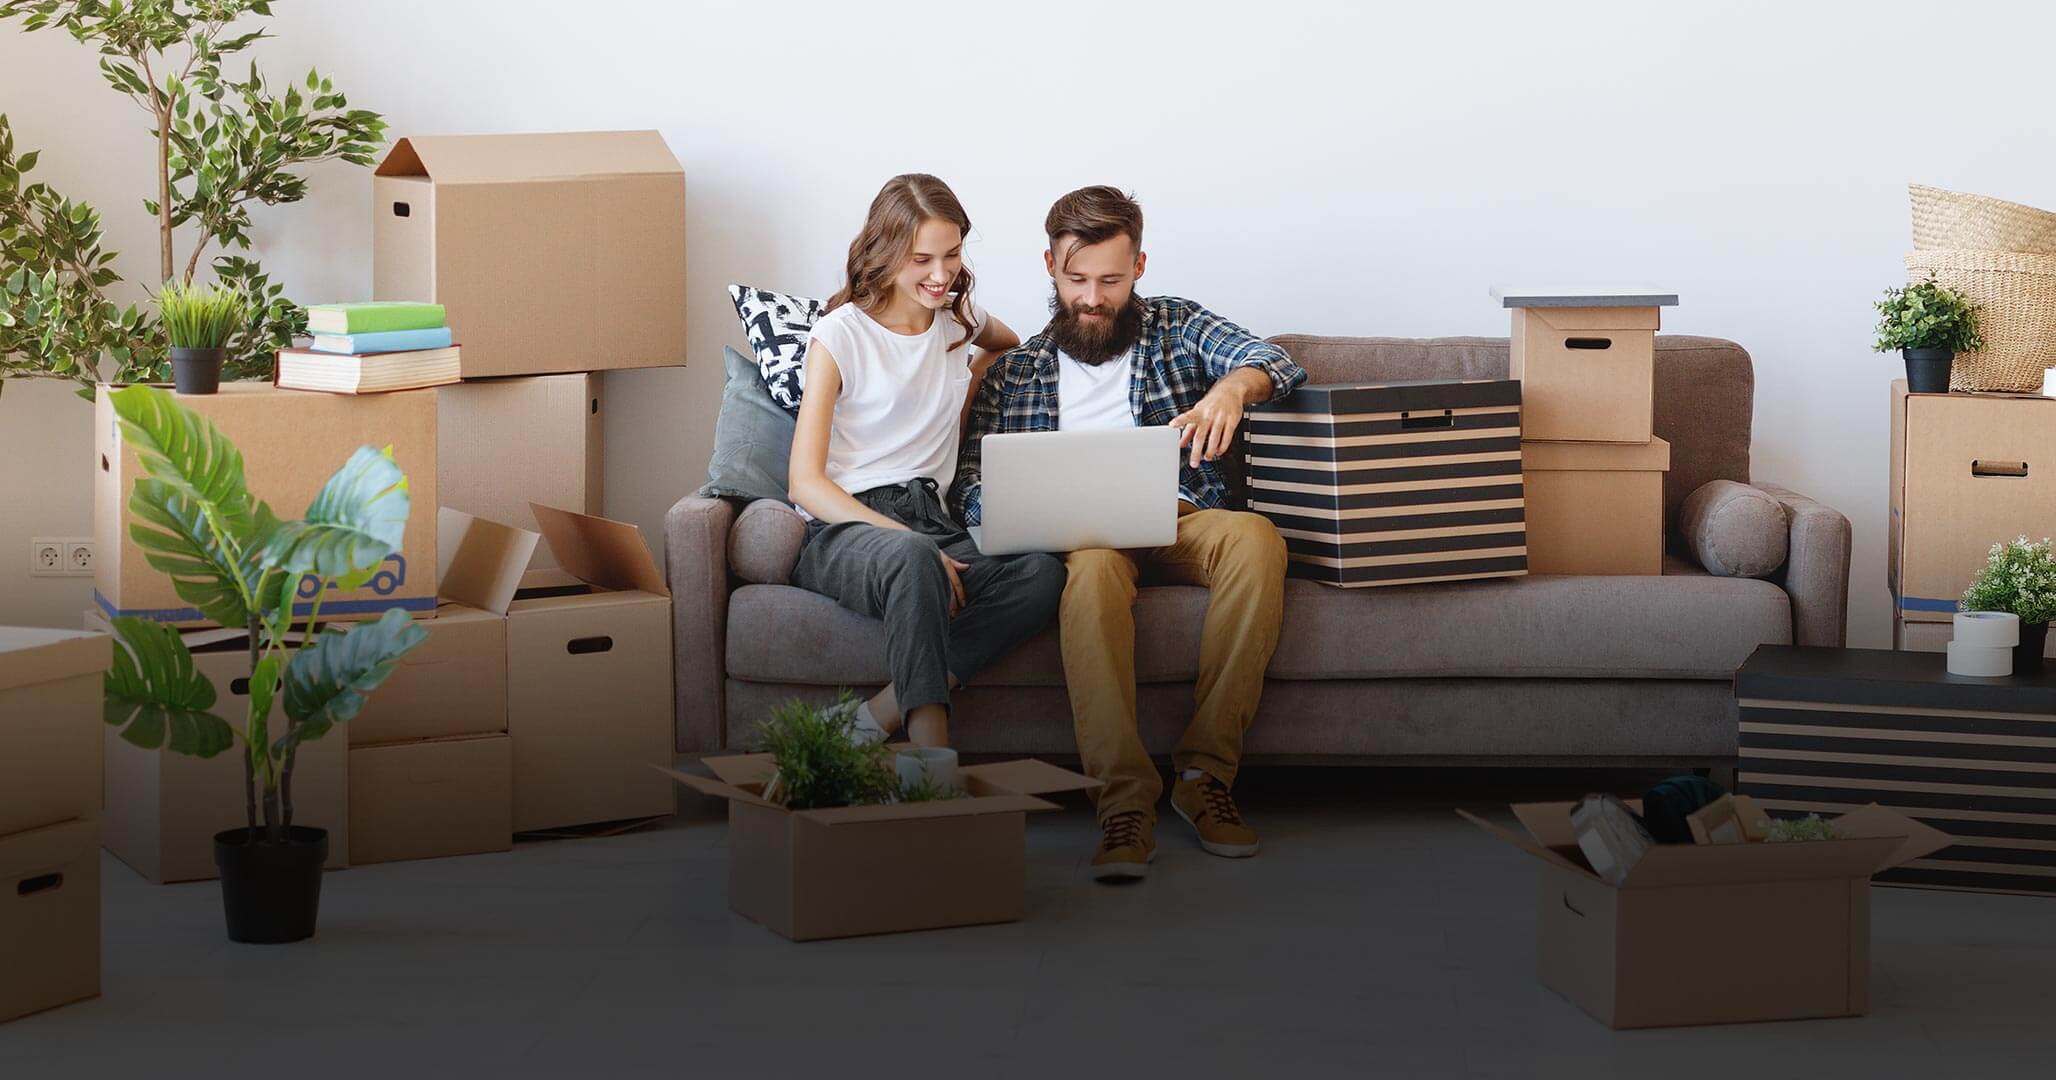 Du er først flyttet rigtigt, når dit internet og tv flytter med. Bestil internet/tv, flyt dit abonnement - og få gode råd og flyttetips.